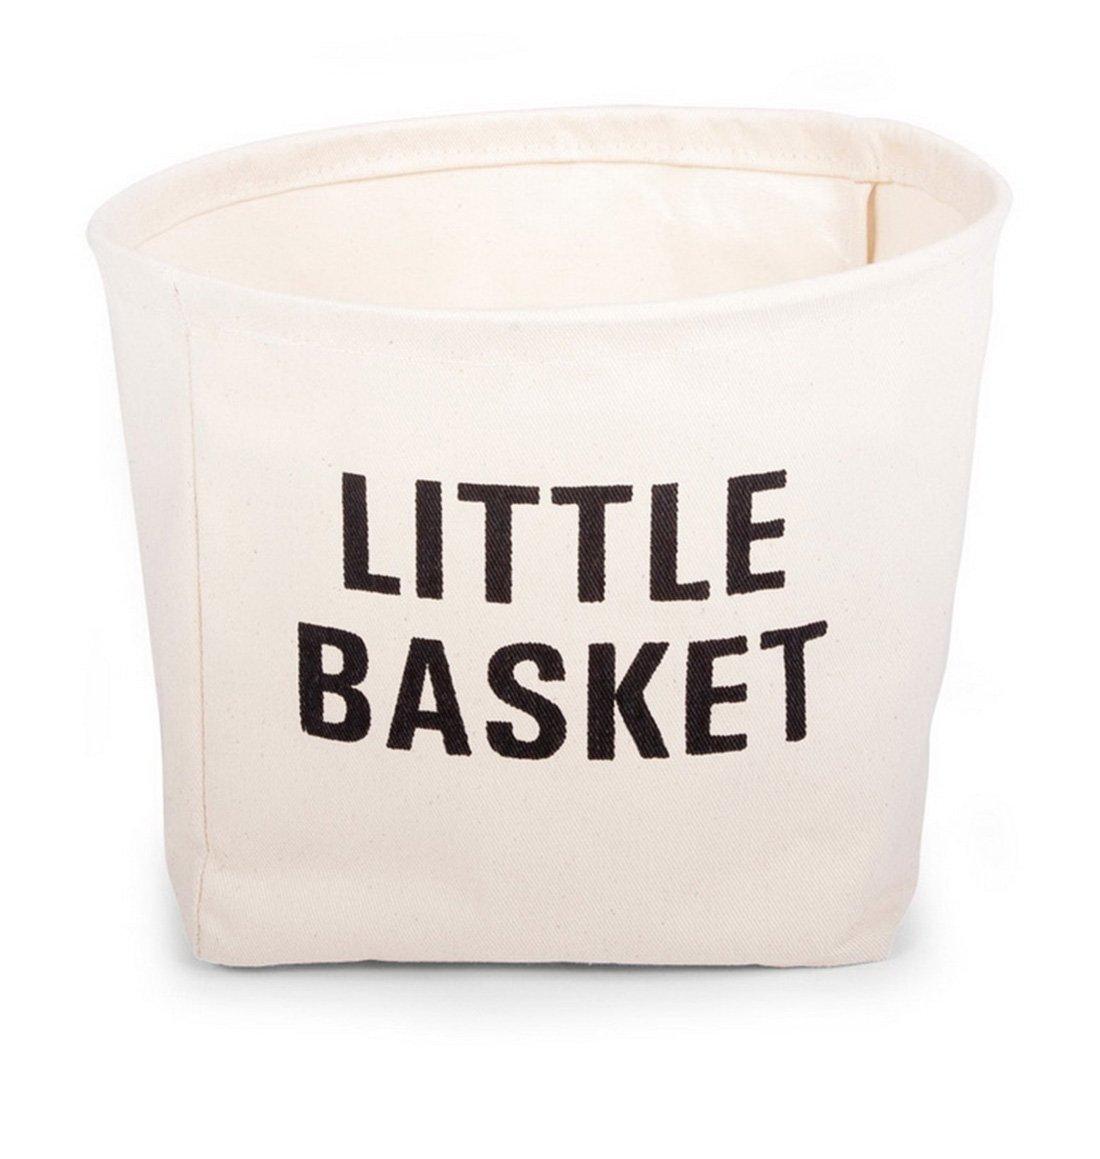 Childhome Aufbewahrungskorb Mit Little Basket Print Aus Baumwolle, 30 x 22,5 cm, Natur 3 horses